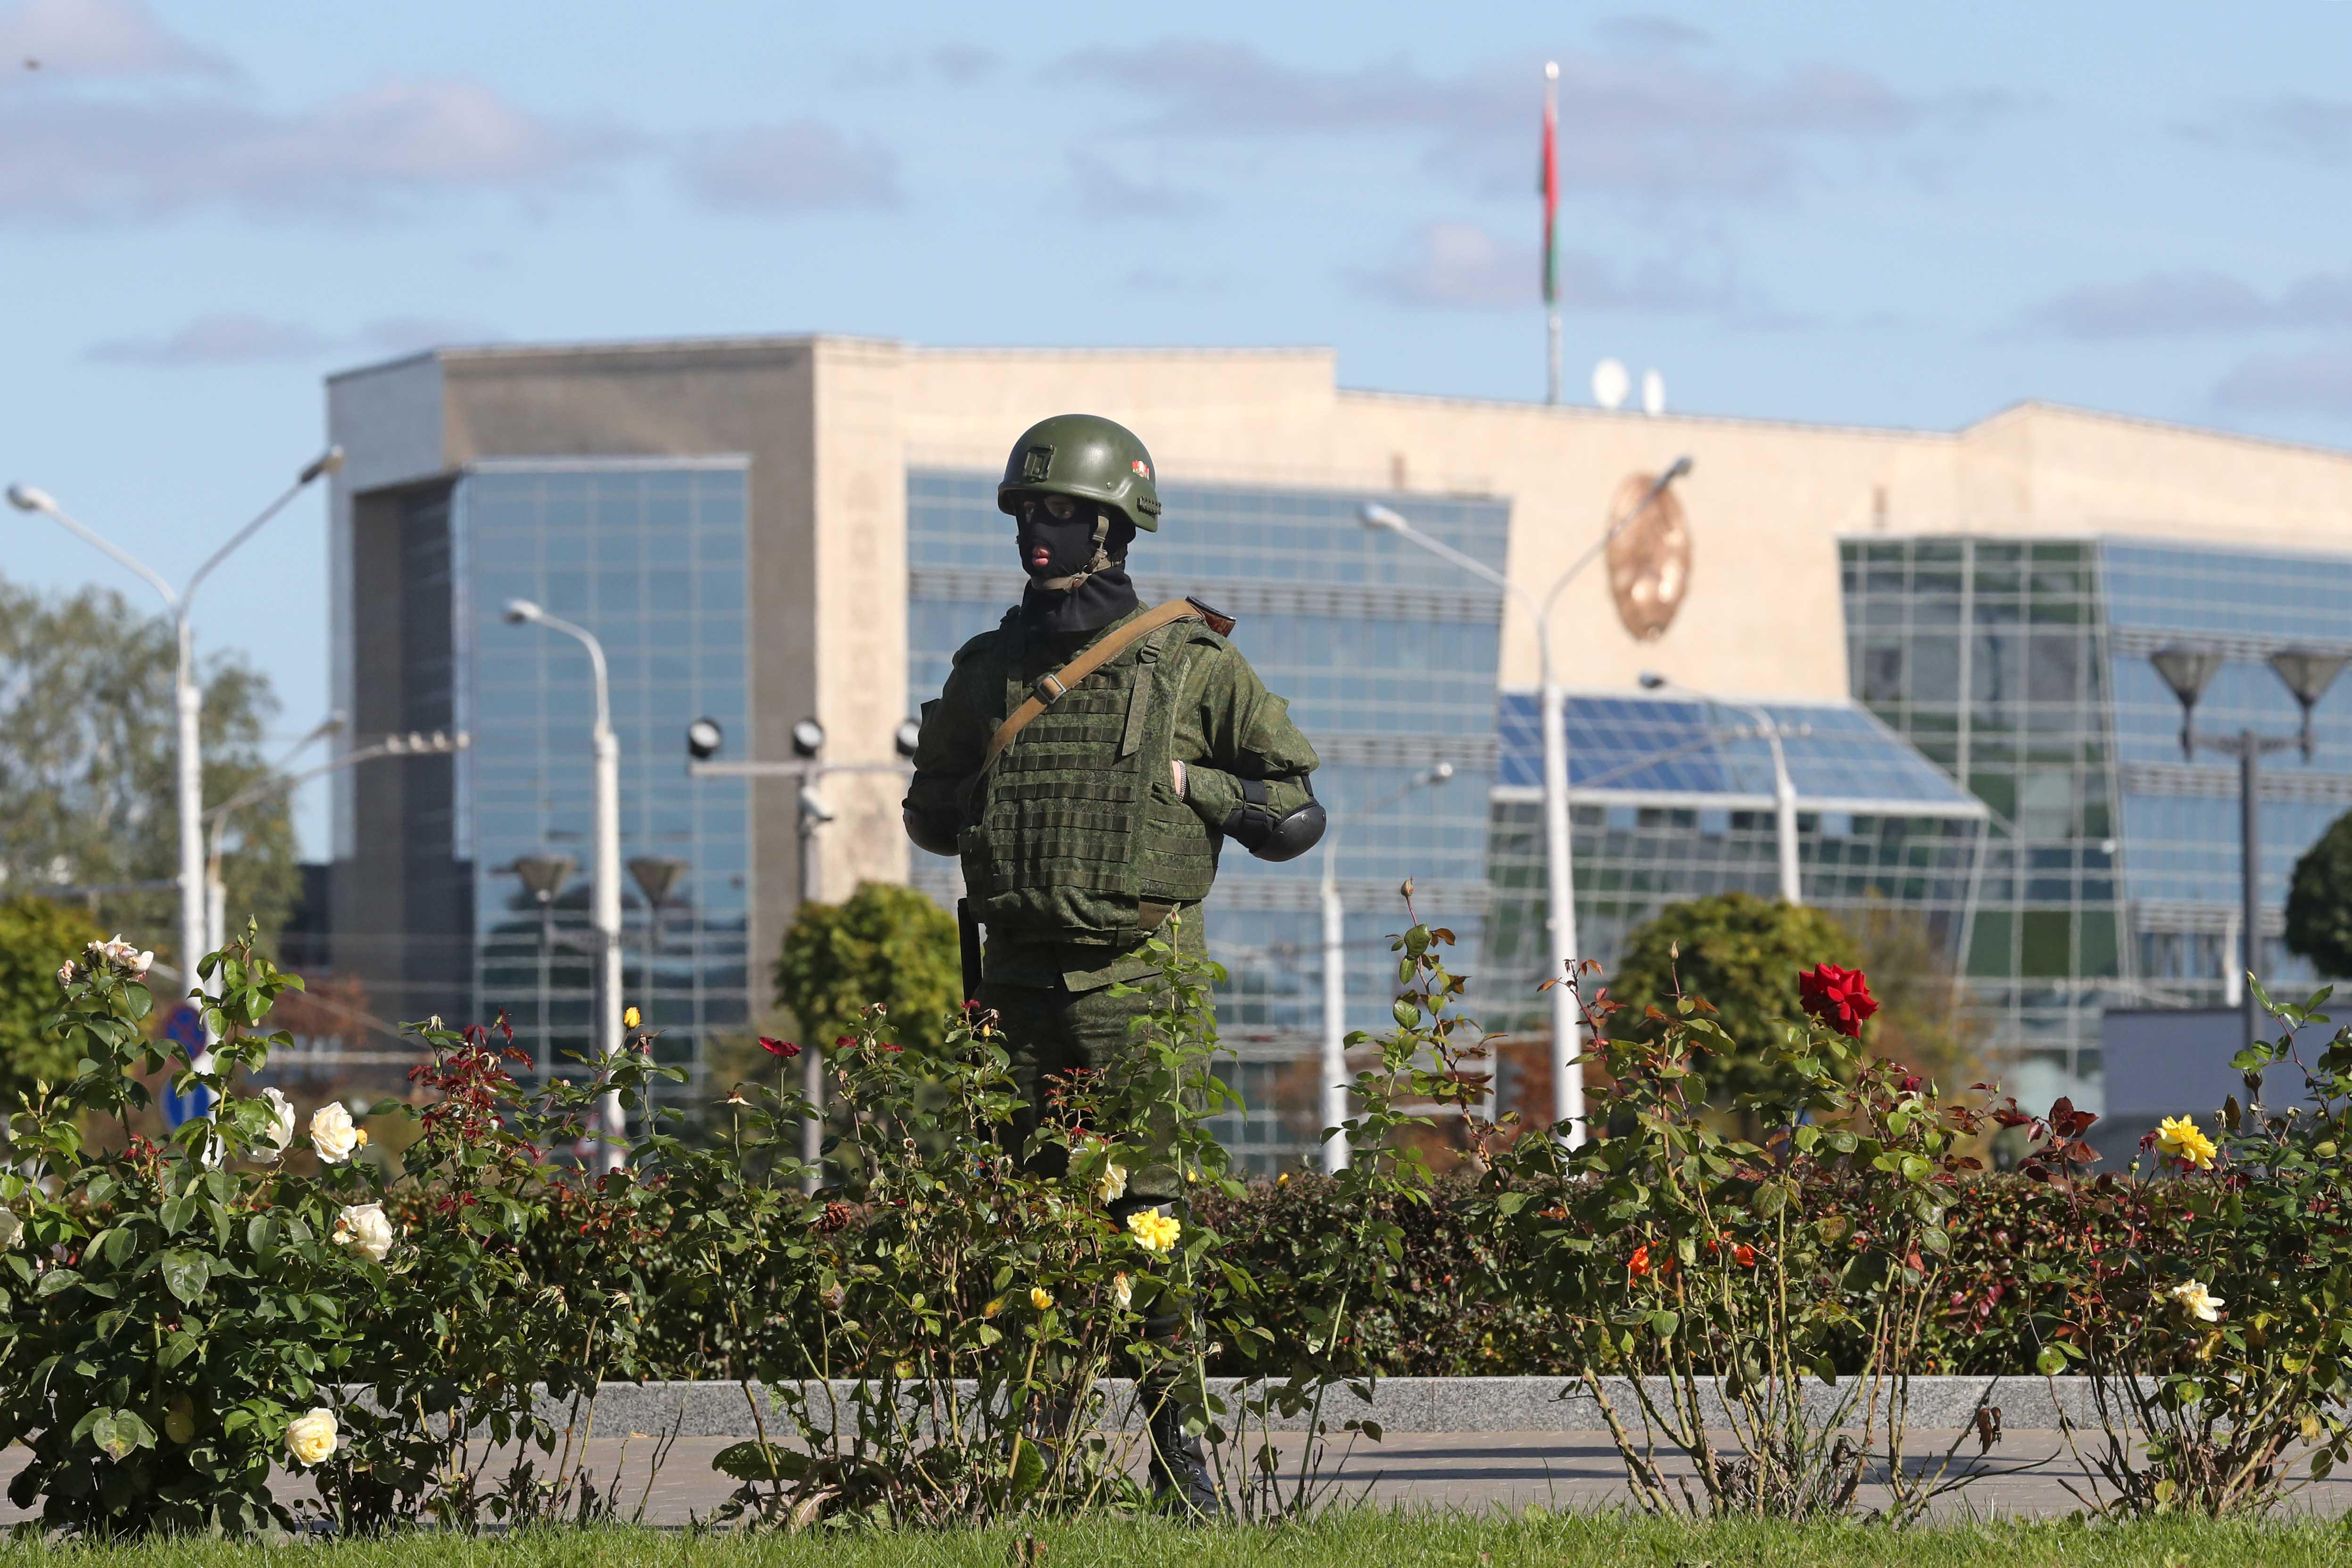 Беларусь: Мишенью властей стала ведущая правозащитная организация